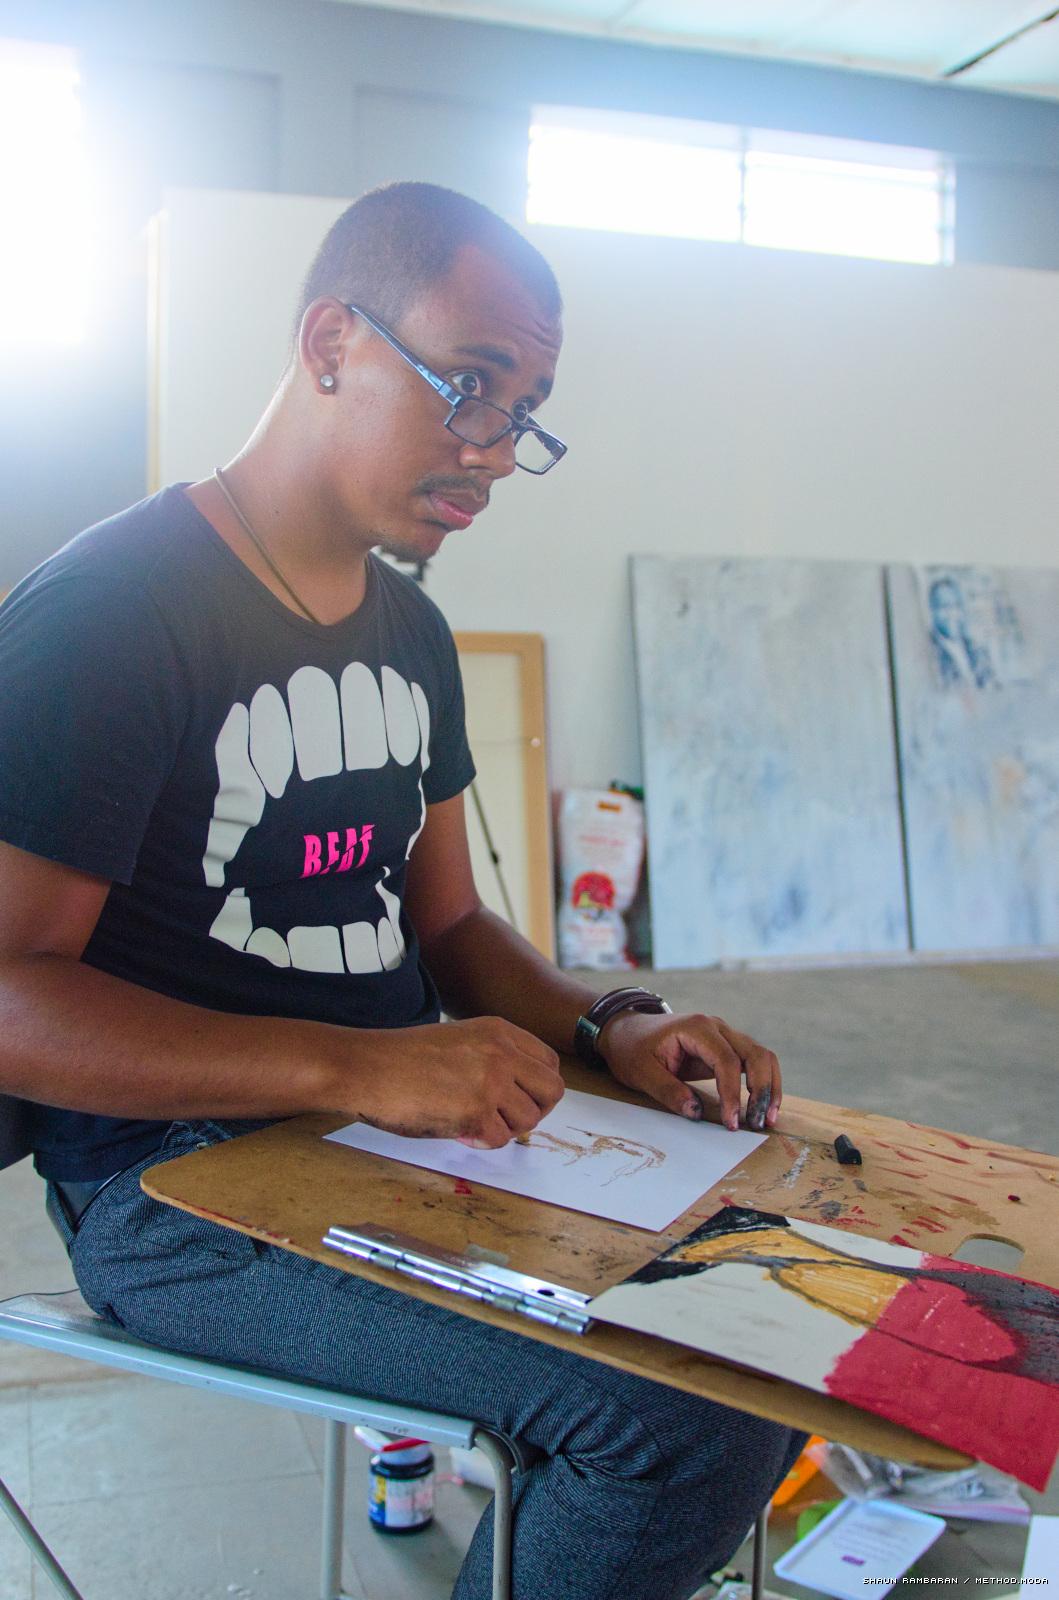 Luis Vasquez La Roche at '200 Drawings'